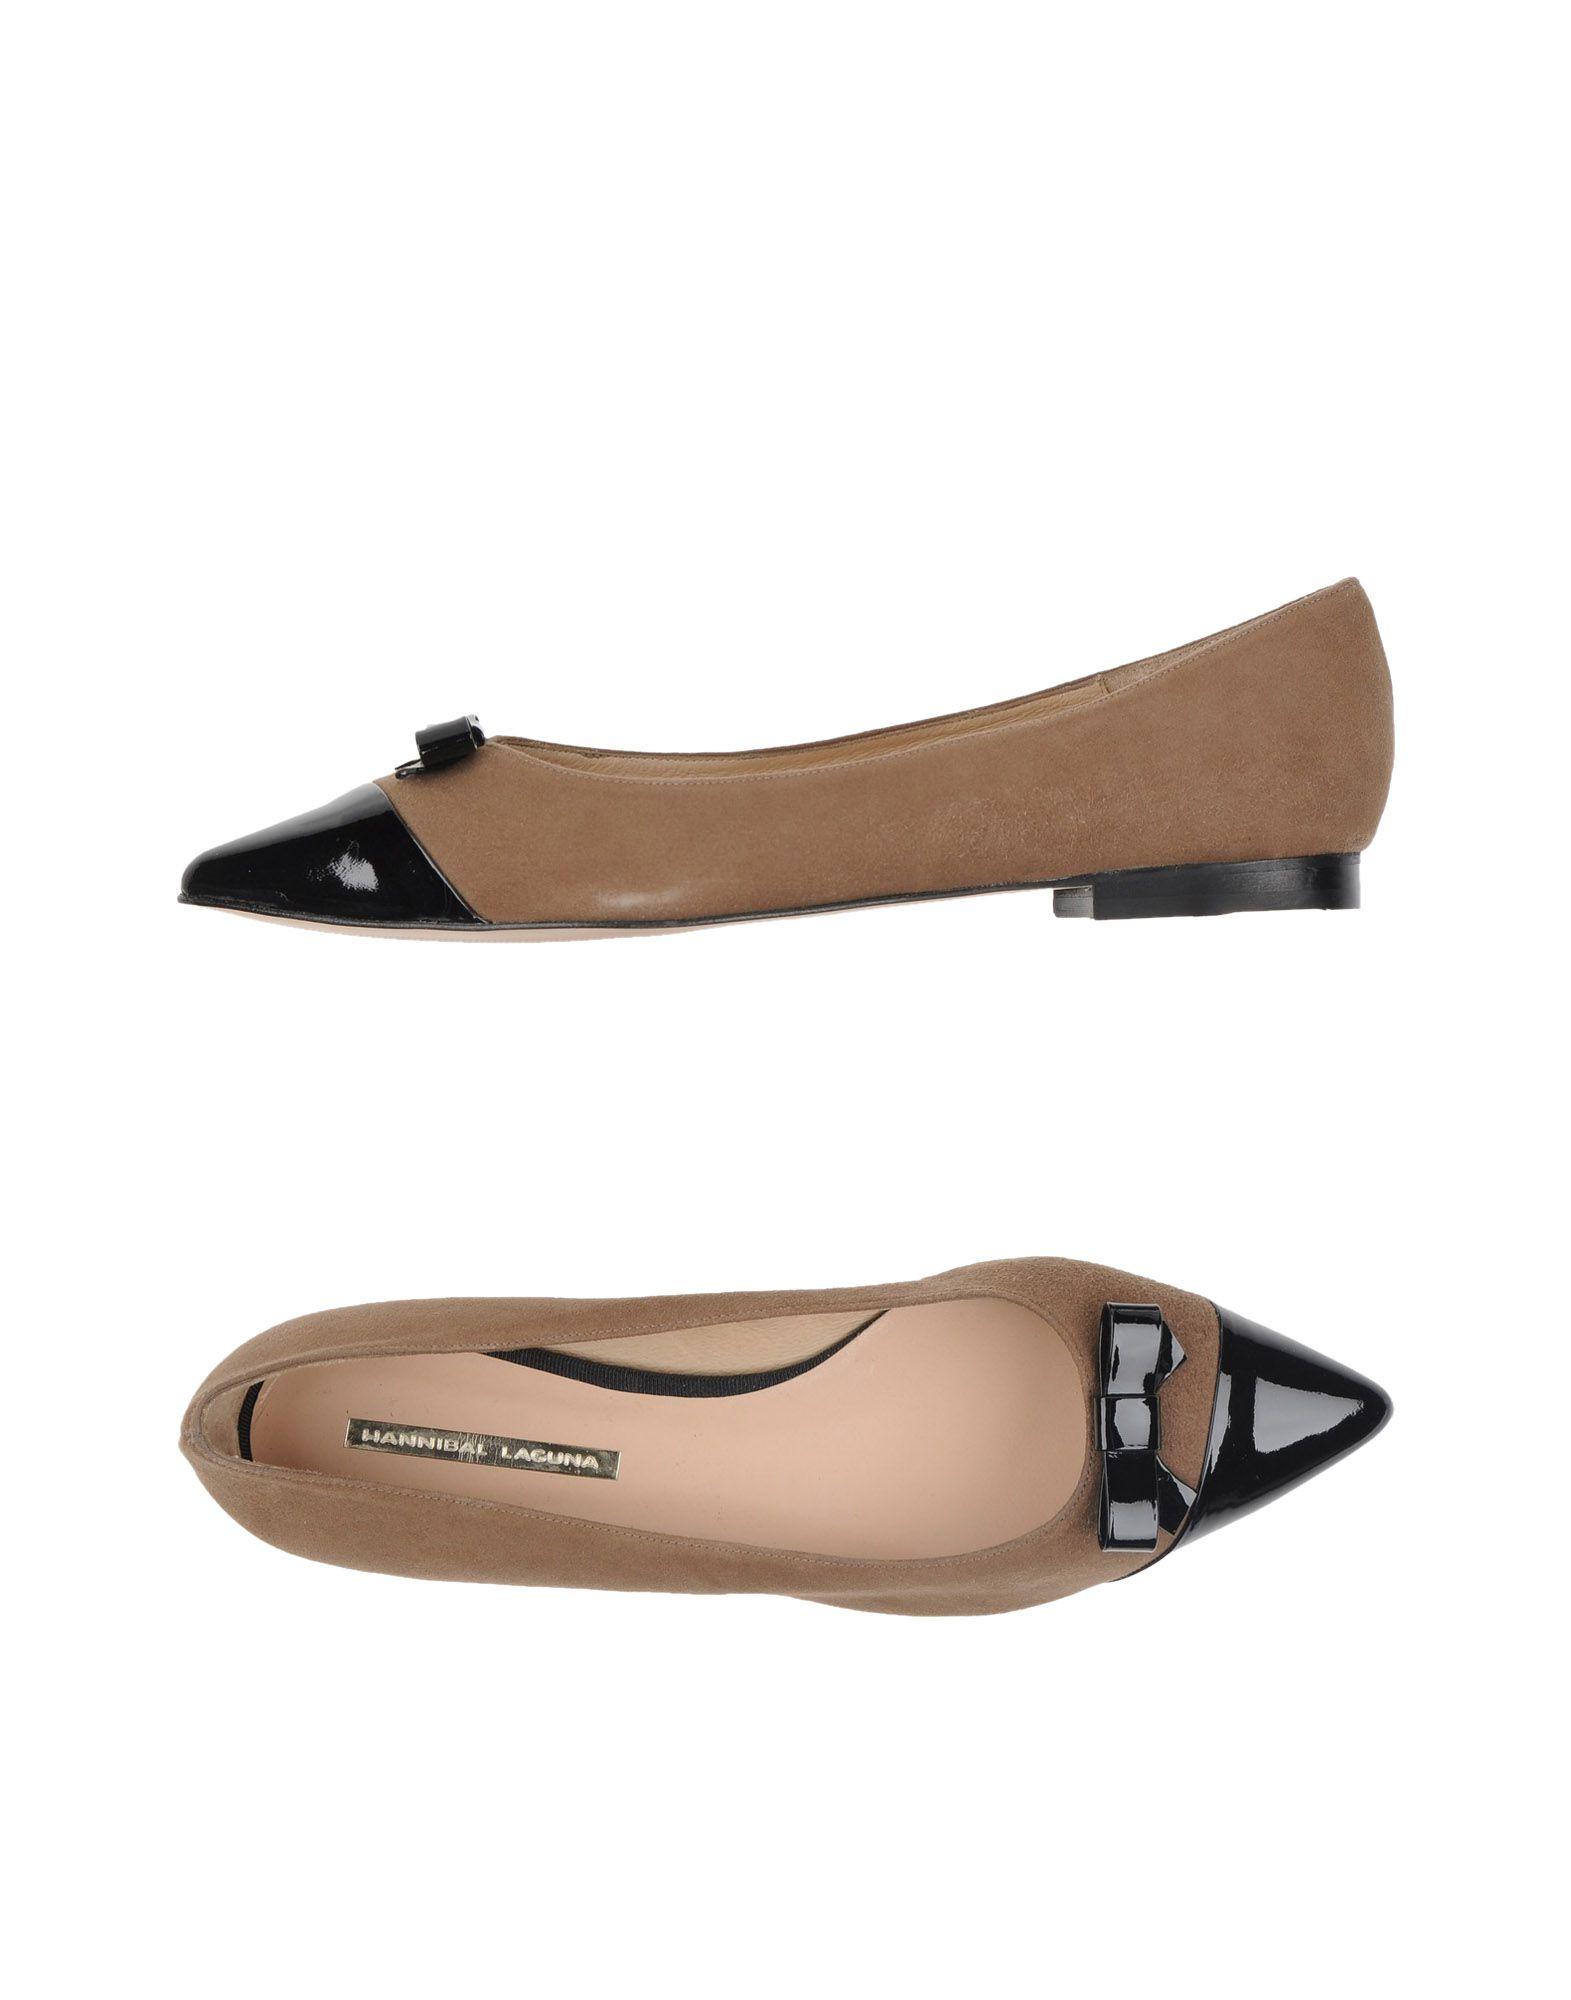 Hannibal Laguna Gute Ballerinas Damen  11161973JP Gute Laguna Qualität beliebte Schuhe 4c98b2